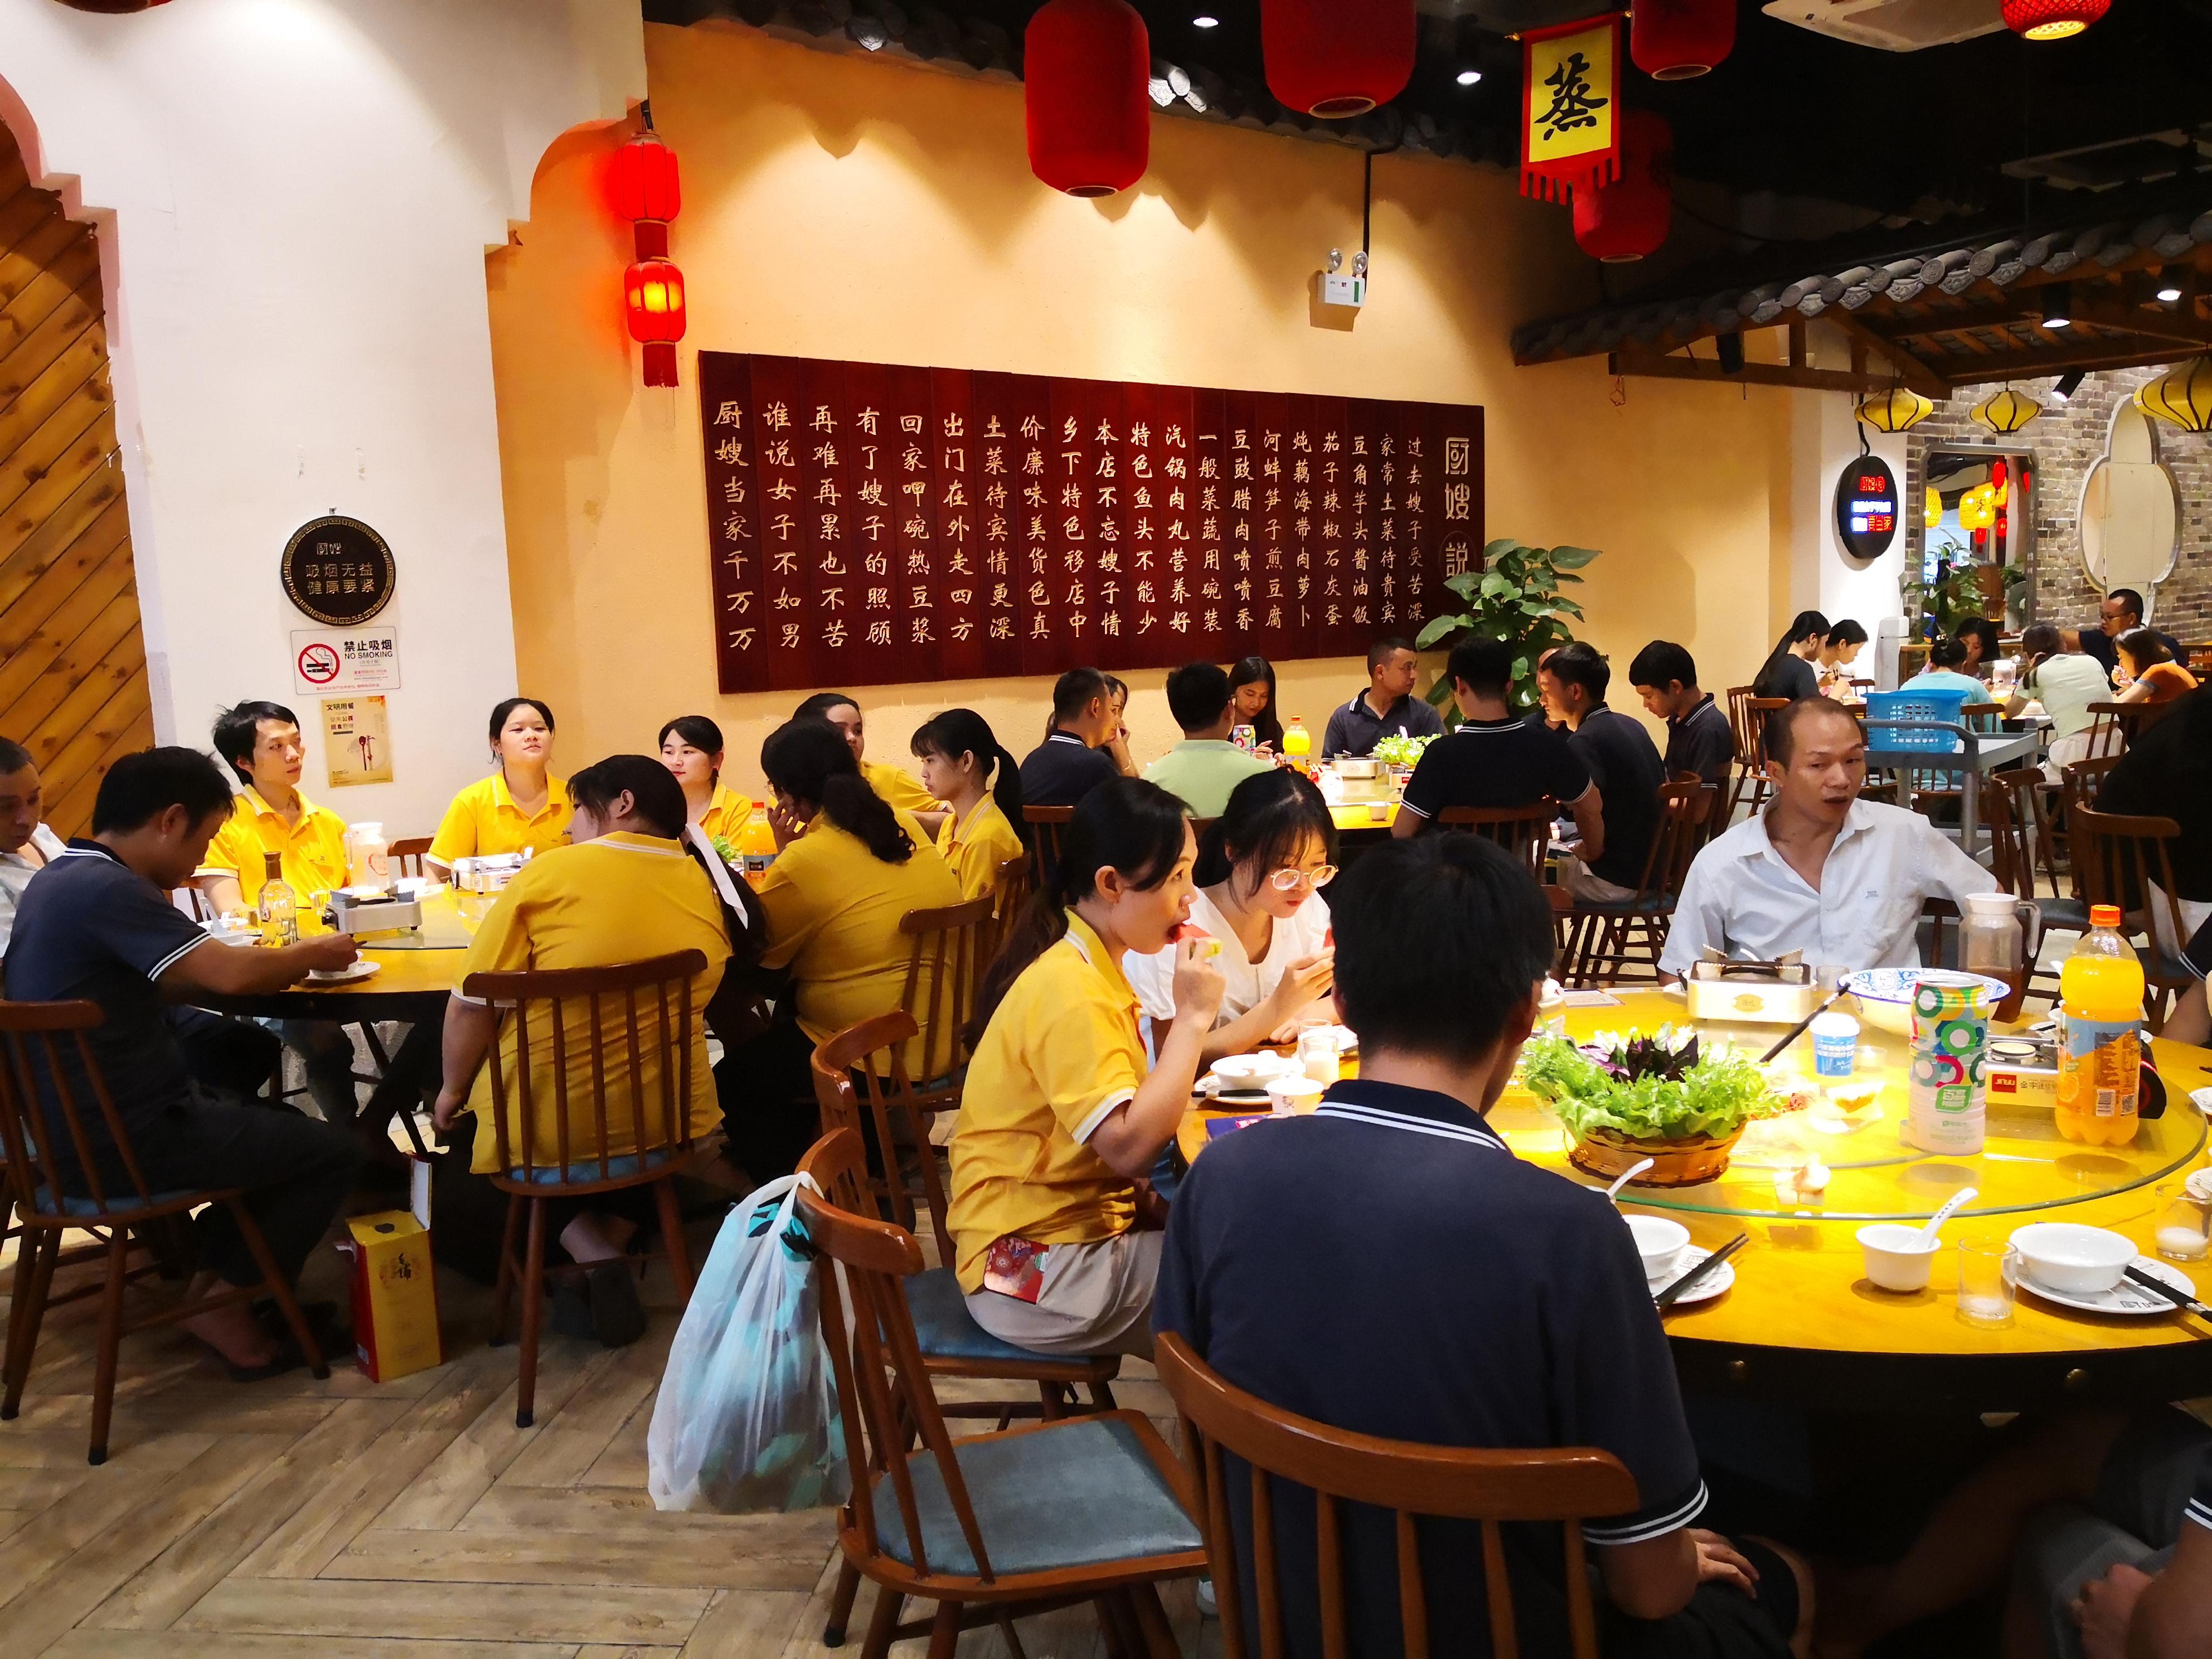 情暖中秋,江山來舉行員工聚餐活動